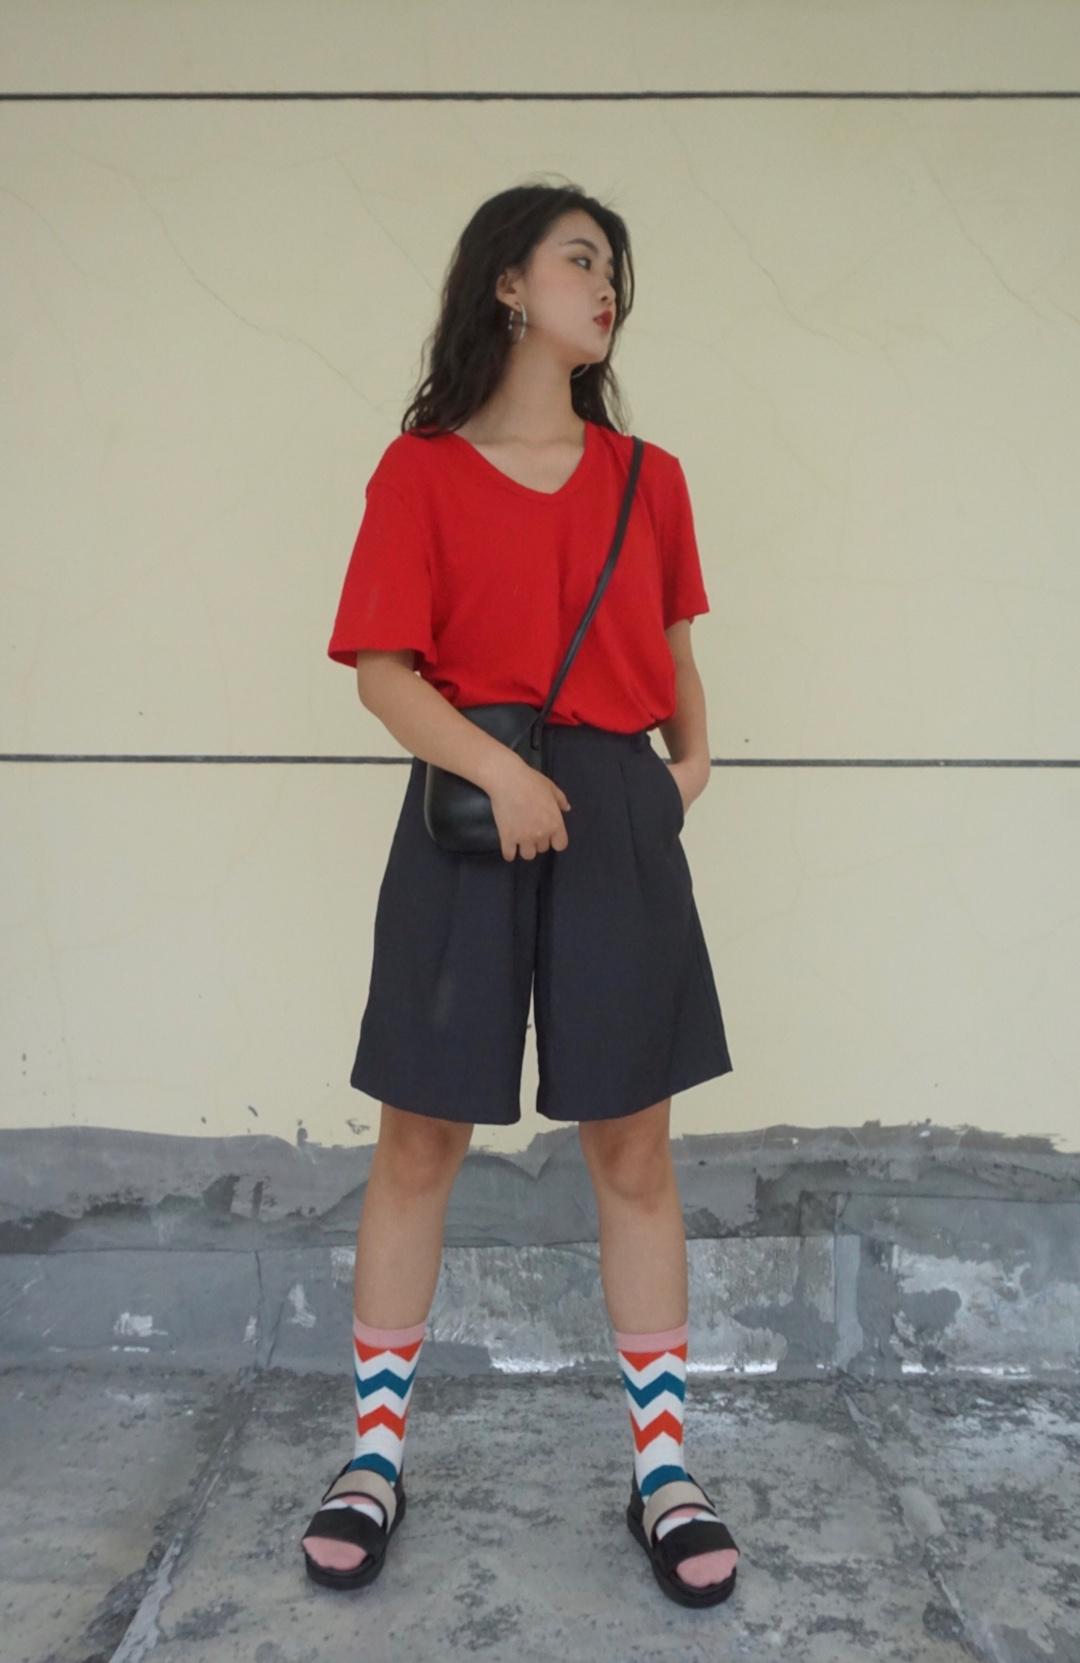 夏天必穿的一套 休闲又舒适,实用性真的超高 搭配同色系袜子单品穿搭upup #15s出街大挑战#